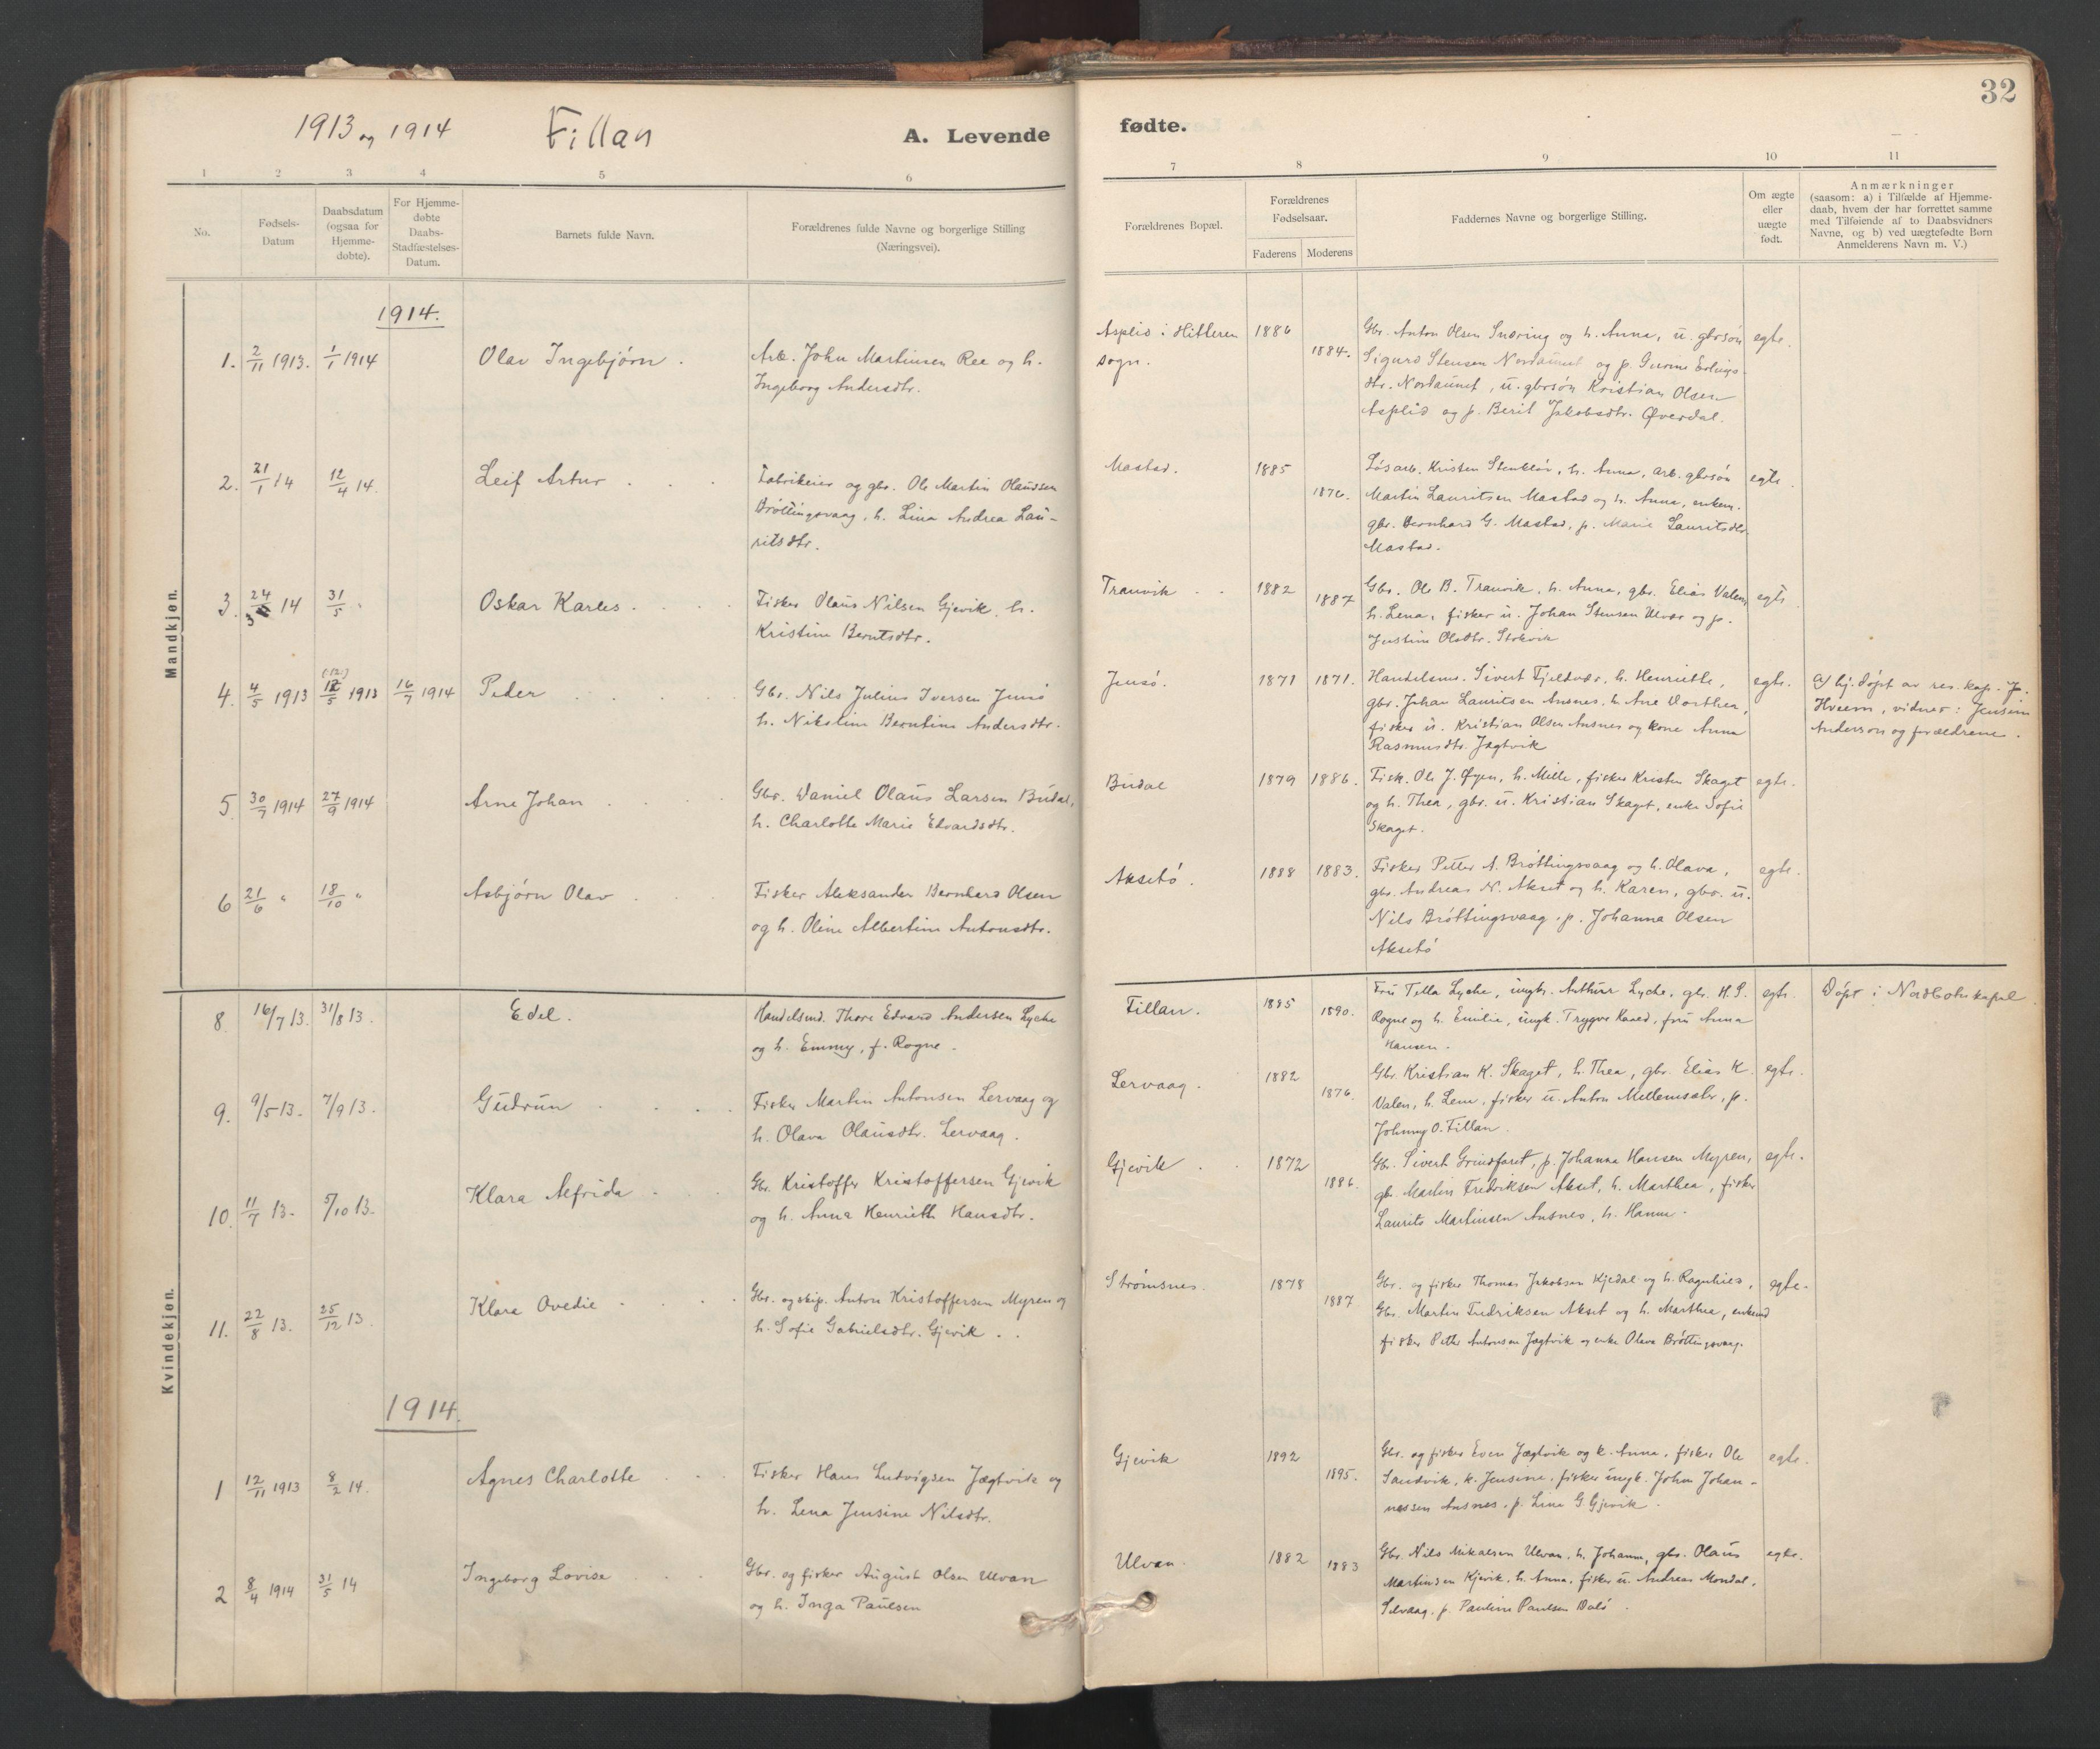 SAT, Ministerialprotokoller, klokkerbøker og fødselsregistre - Sør-Trøndelag, 637/L0559: Ministerialbok nr. 637A02, 1899-1923, s. 32